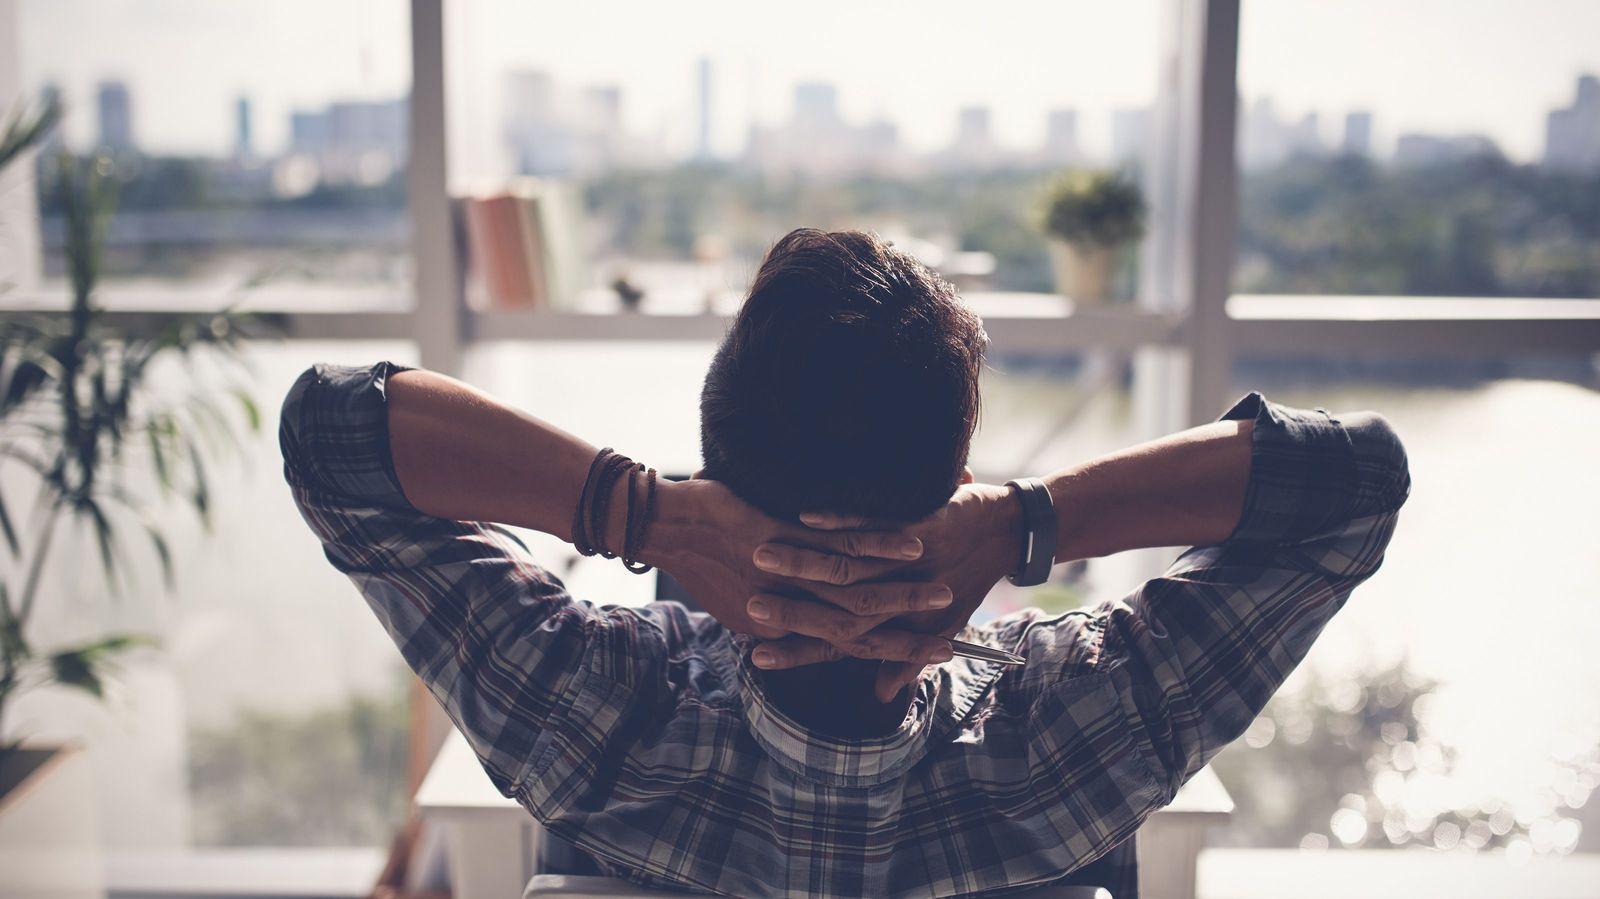 毎日心地よく暮らす人の脳は危険な状態にある そのままだと人生が詰んでしまう